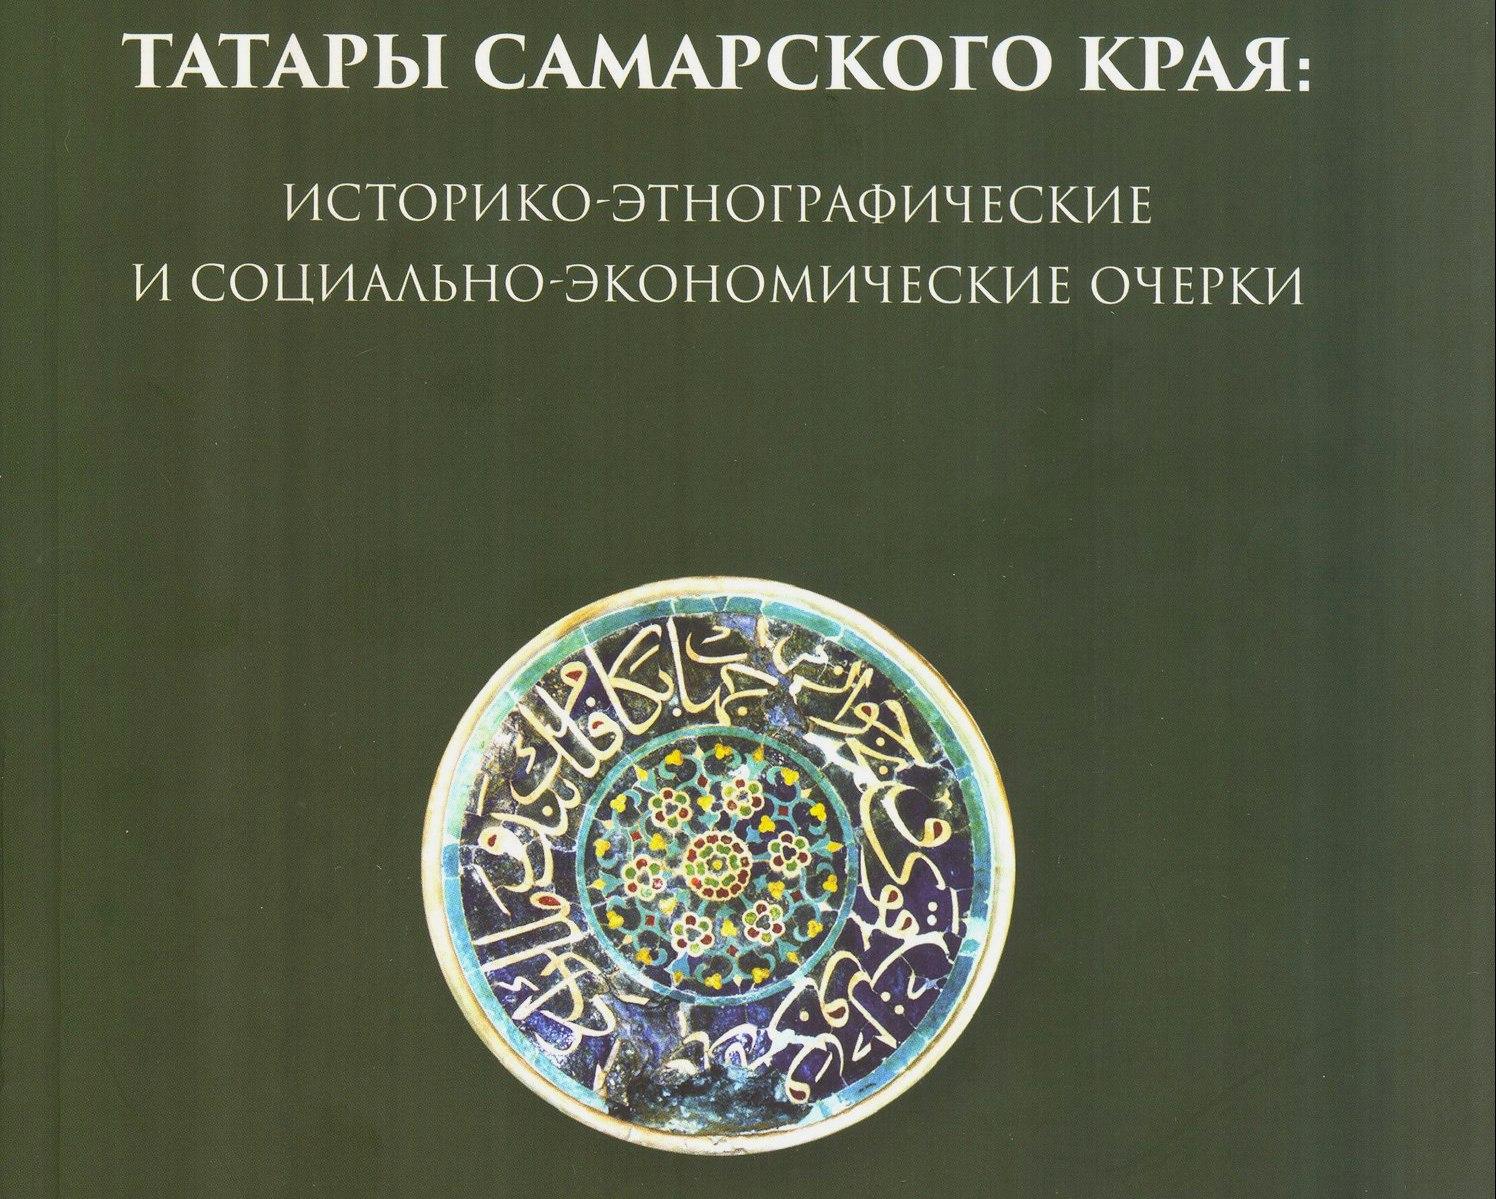 Татары Самарского края